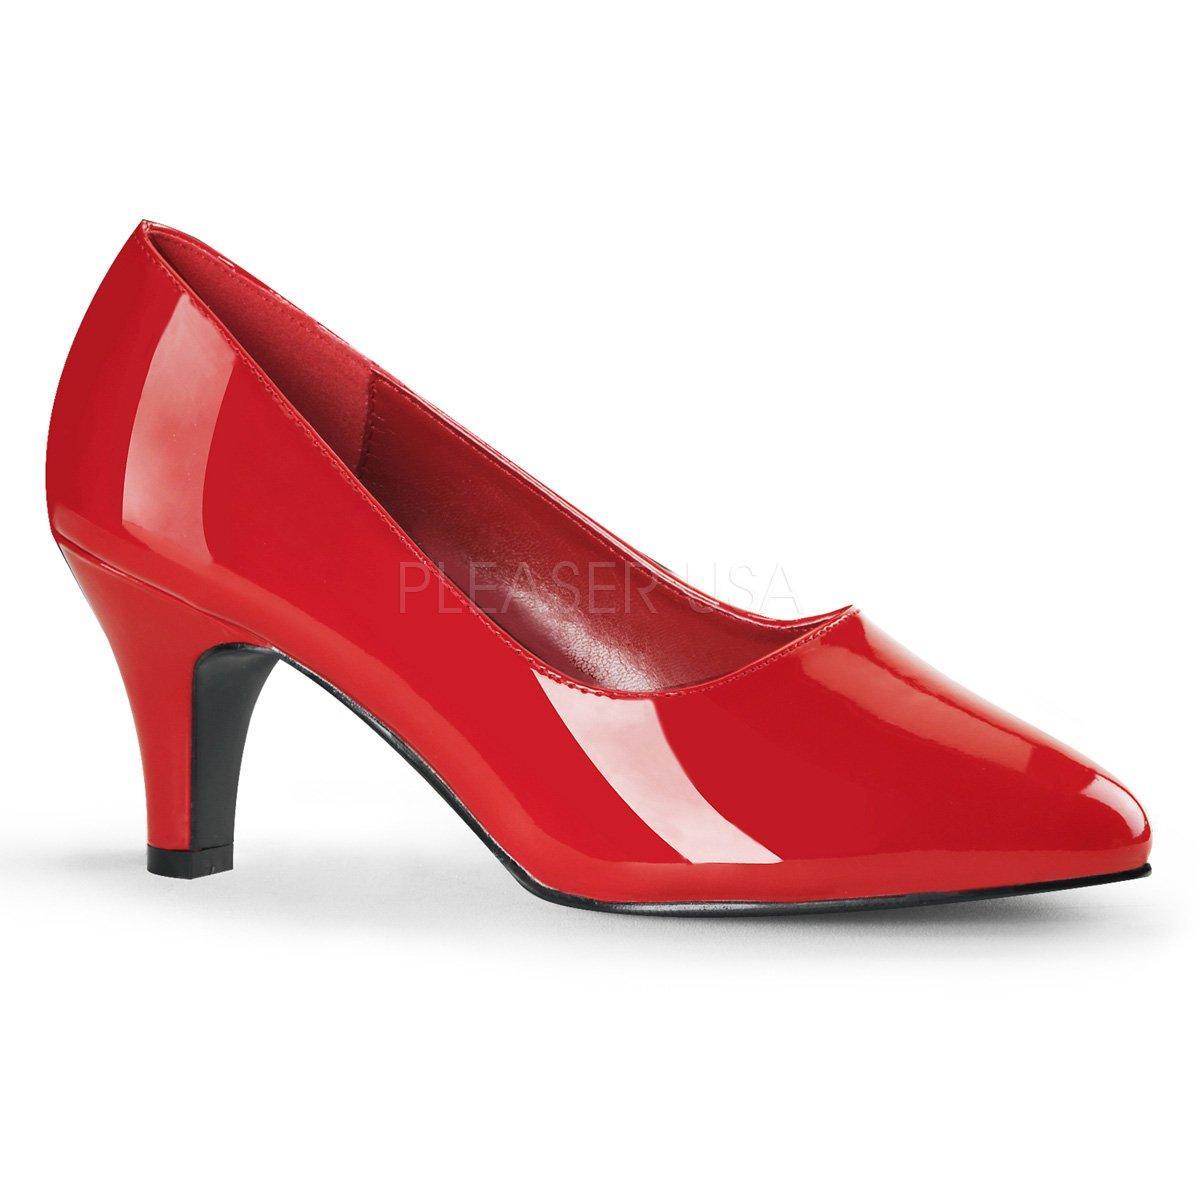 DIVINE-420W Elegantní červené lakované lodičky na nízkém podpatku ... 017838ebbf